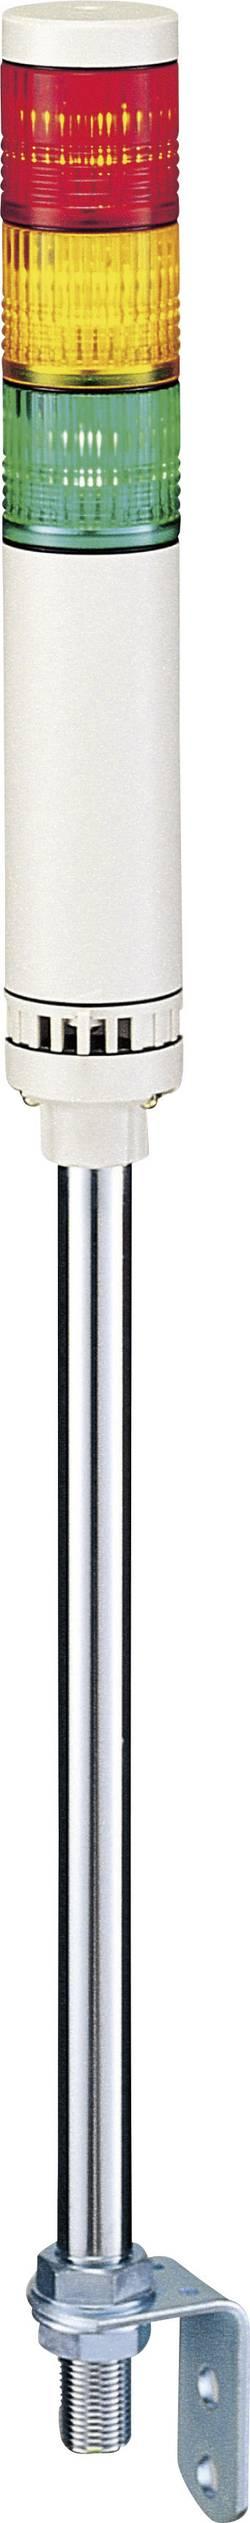 Elément de colonne de signalisation Patlite LCE-302W-RYG 24 V/DC 24 V/AC lumière permanente rouge, jaune, vert IP65 1 pc